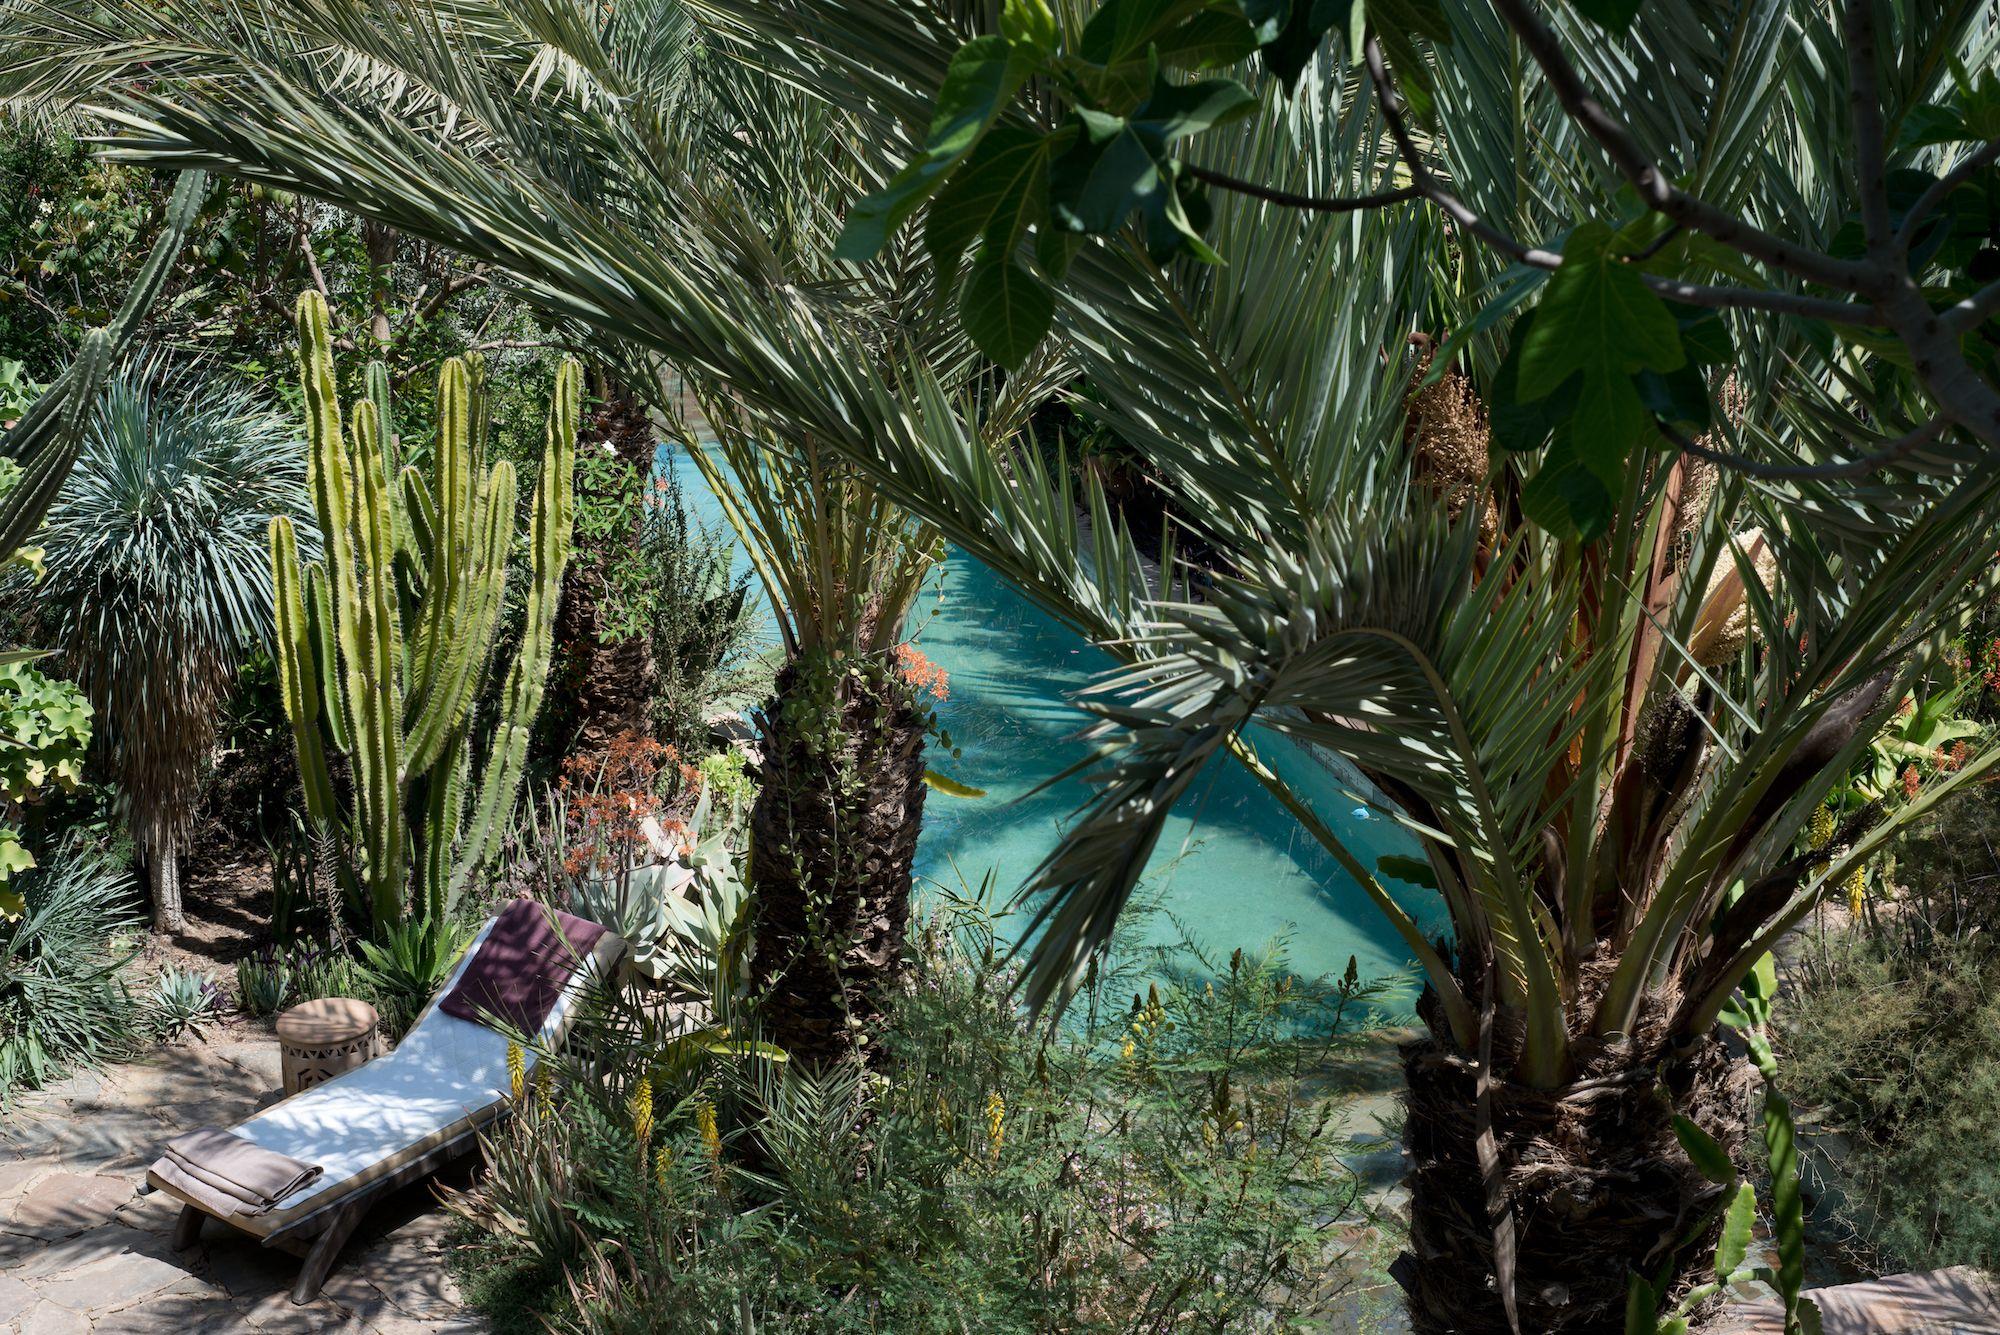 9 Most Beautiful Garden Ideas From Hotels Garden Design